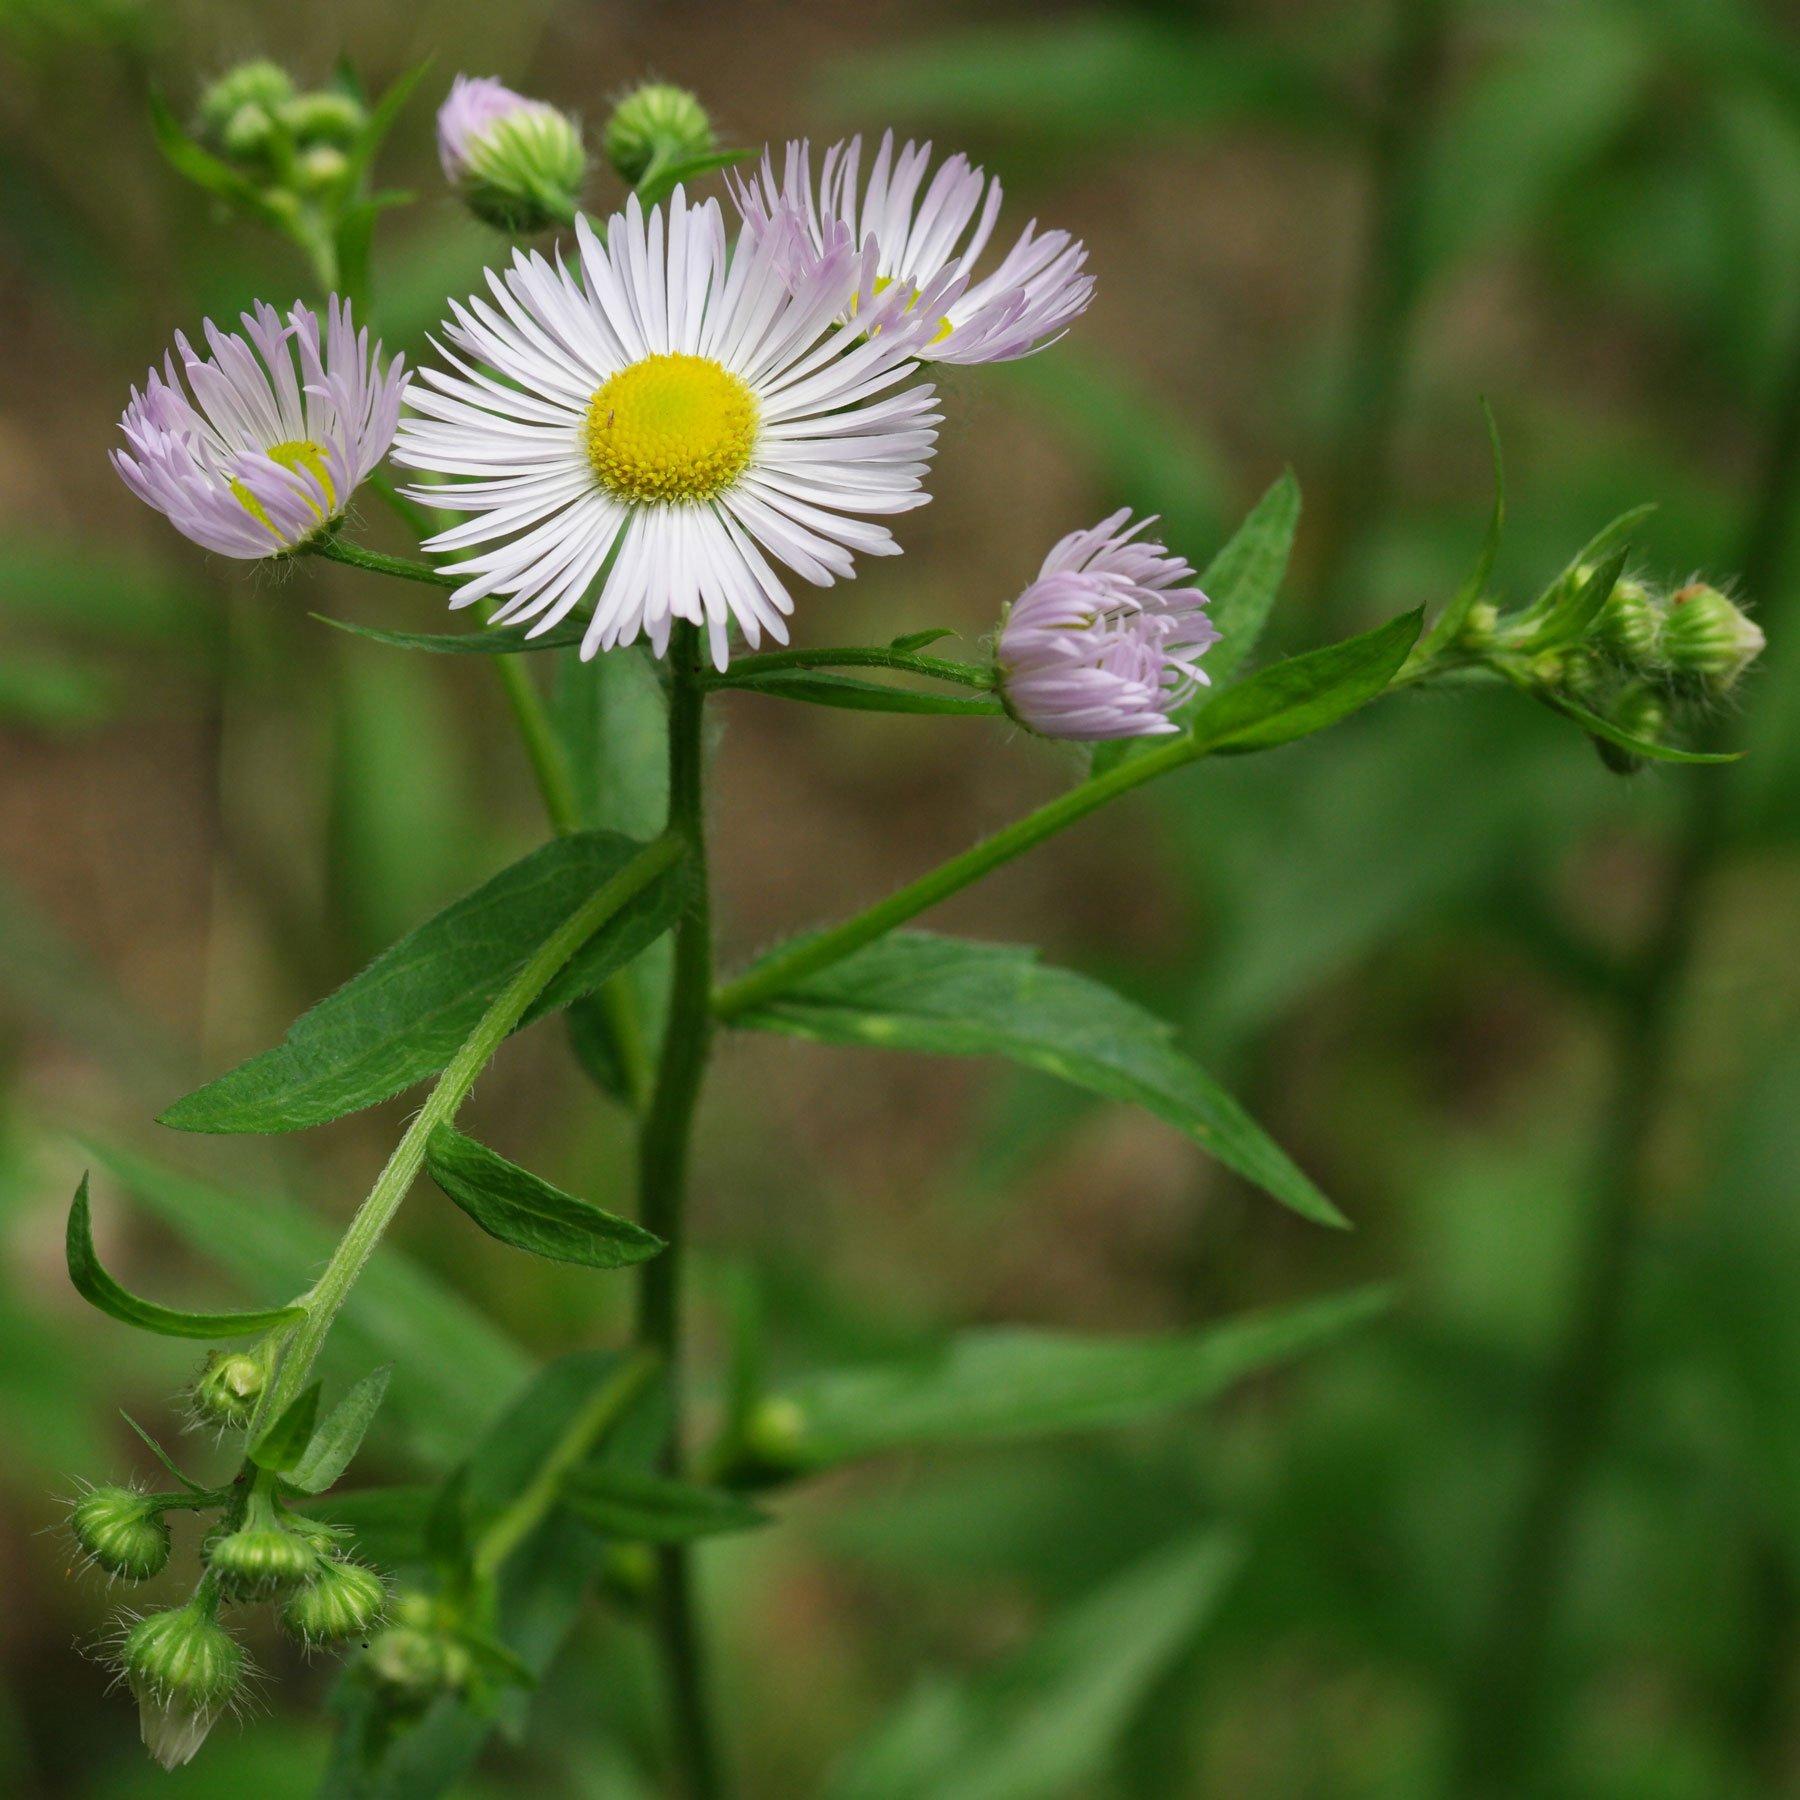 Berufkraut Blüten